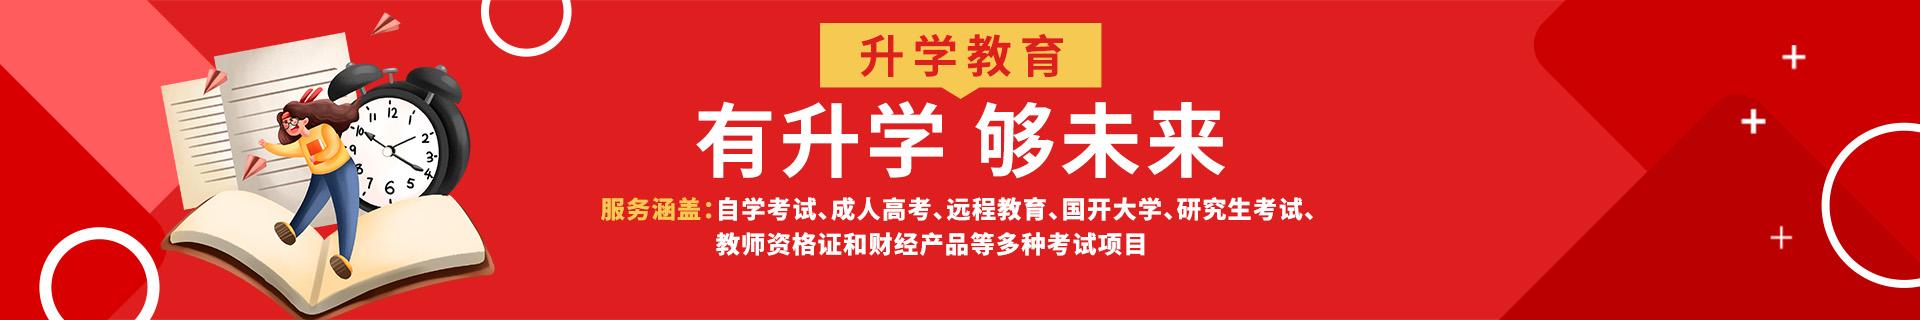 青岛市南区升学教育机构